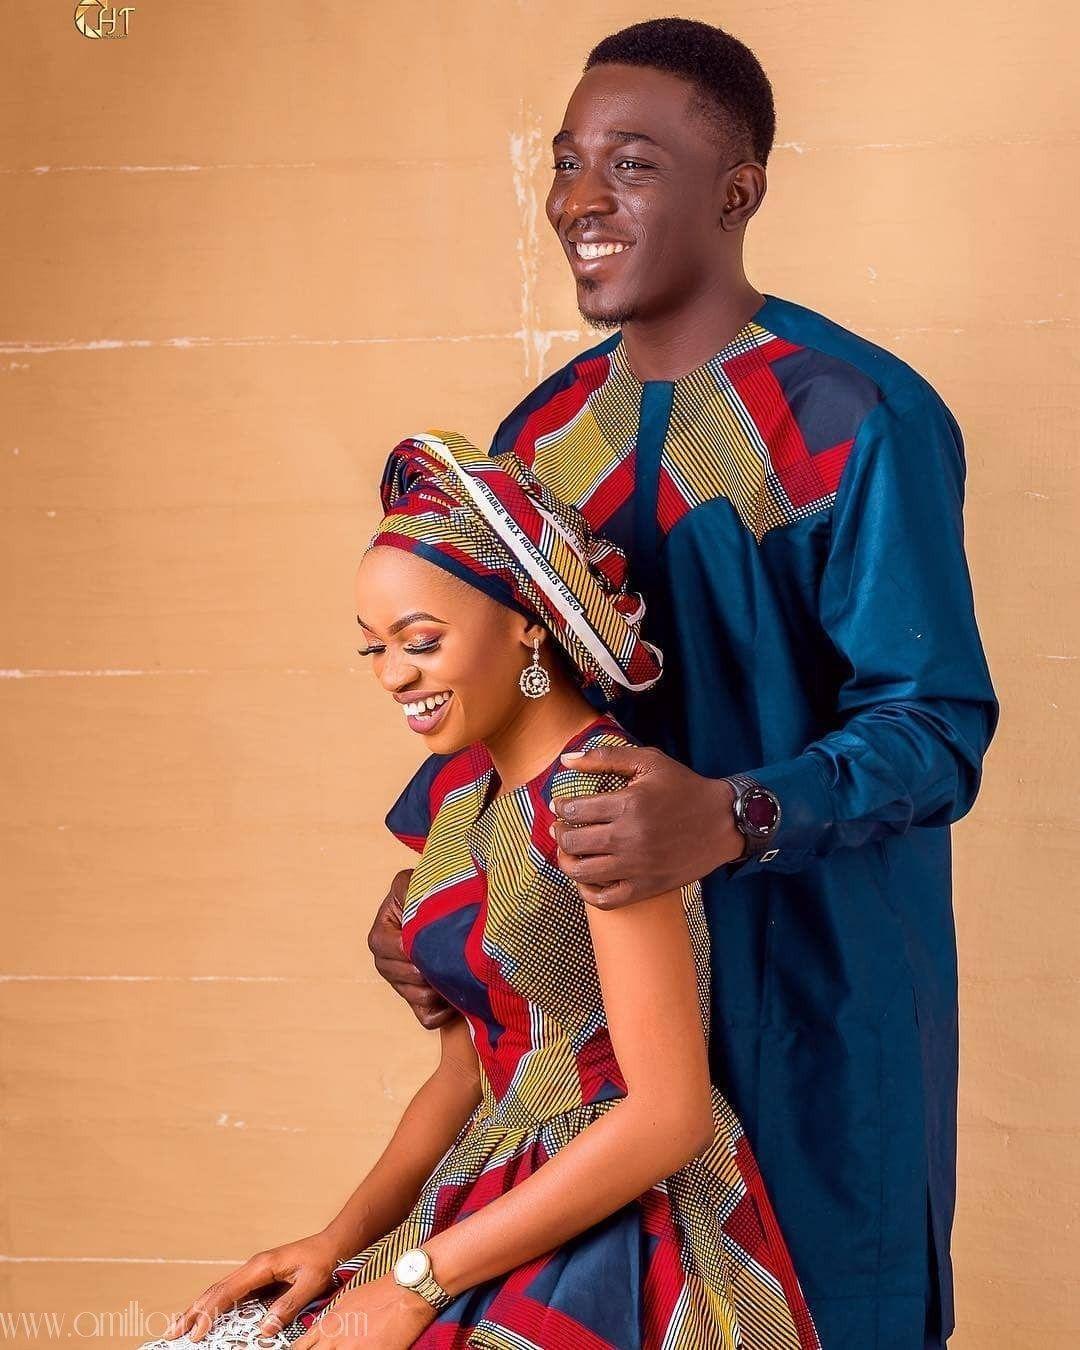 handmade dress,African women/'s dress, matching set wedding dress family outfit,African gown,Ankara dress Family matching set,Ankara gown